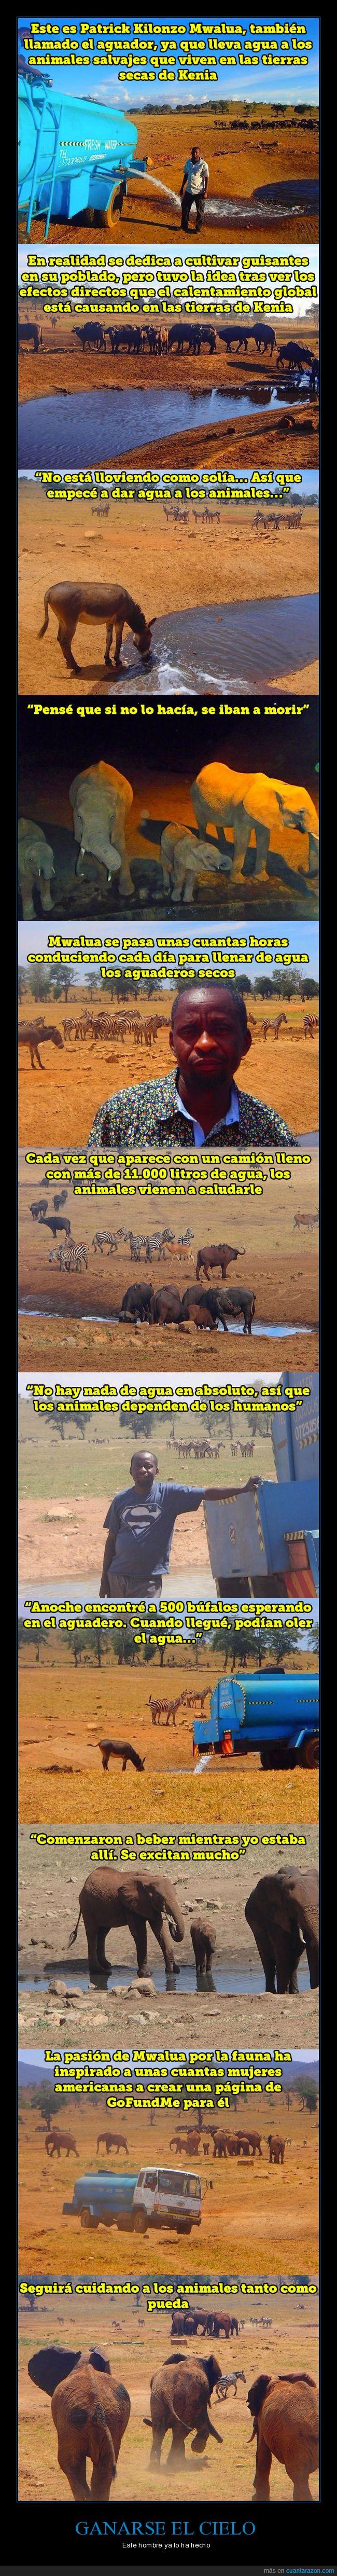 agua,animales,ayudar,sequía